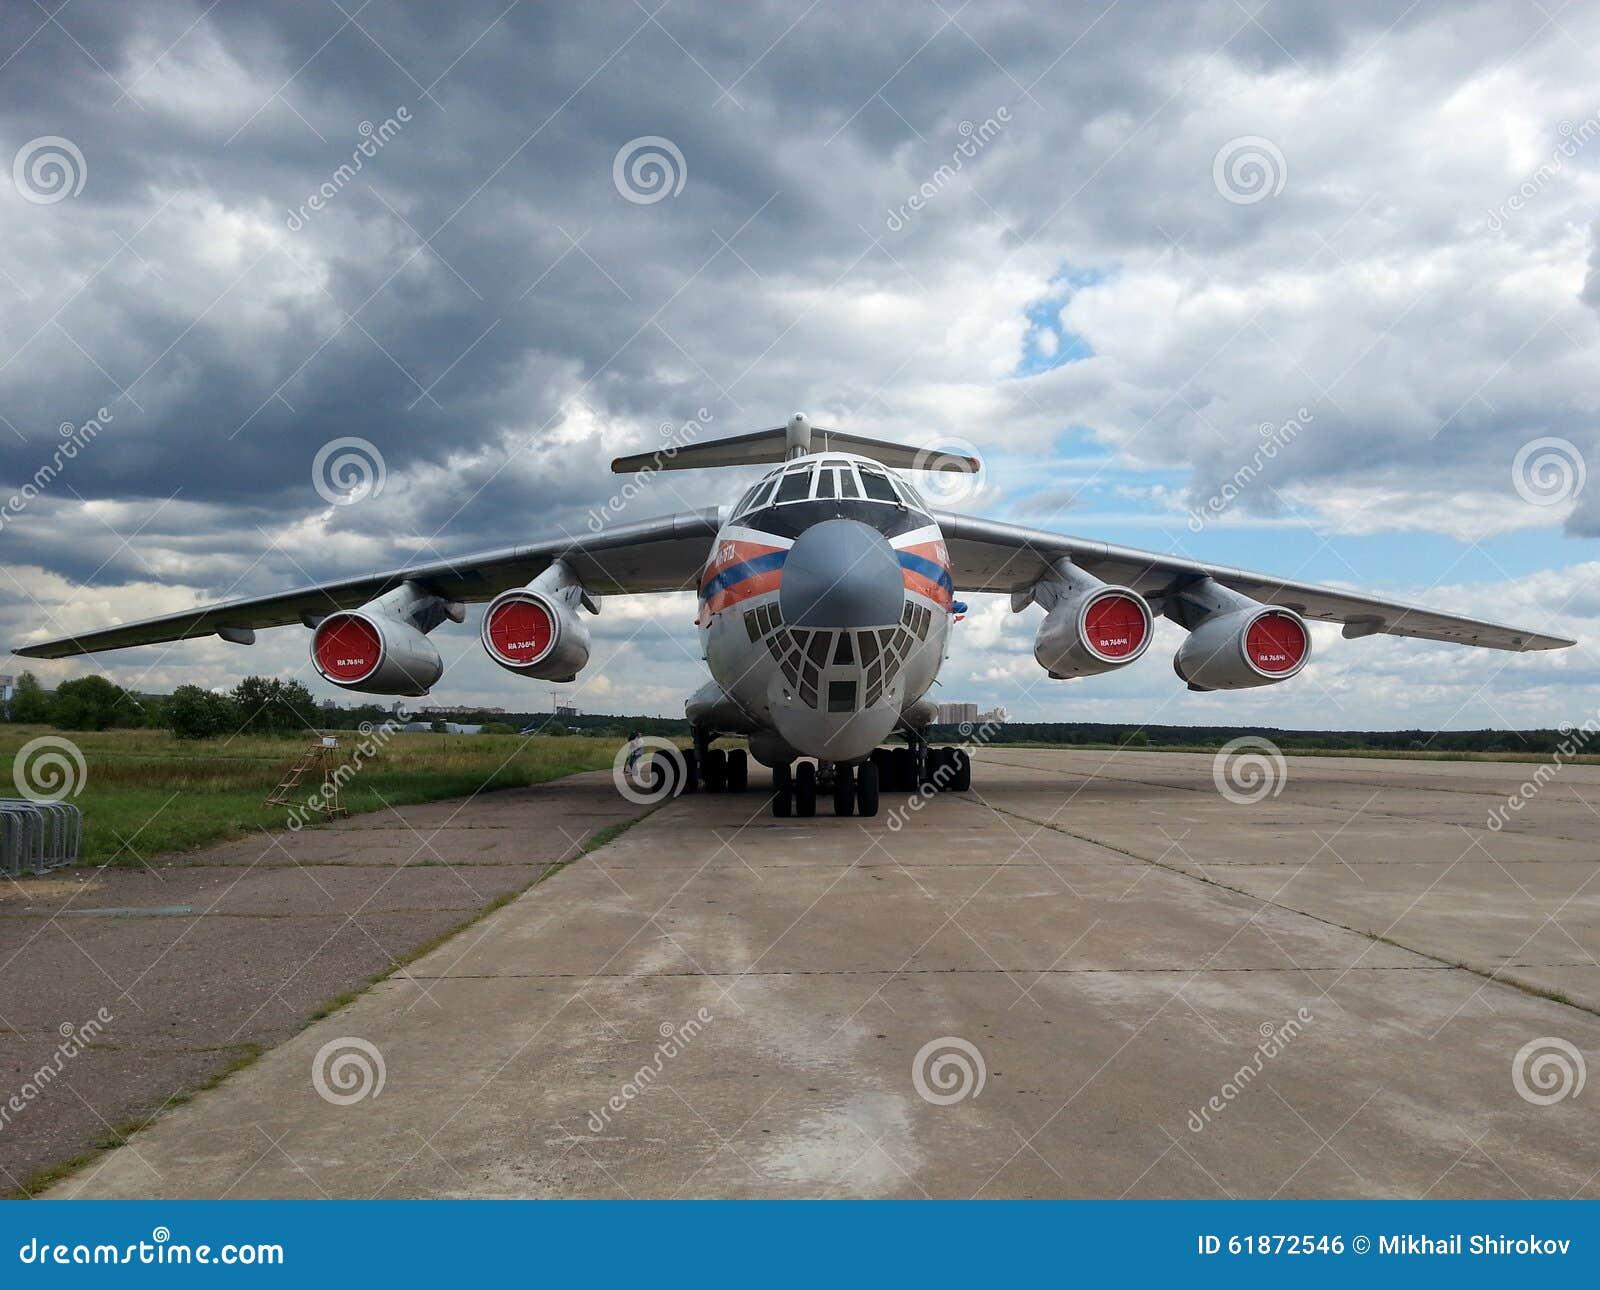 Det ryska militära strategiska flygplanet som kan användas till mycket Ilyushin Il-76